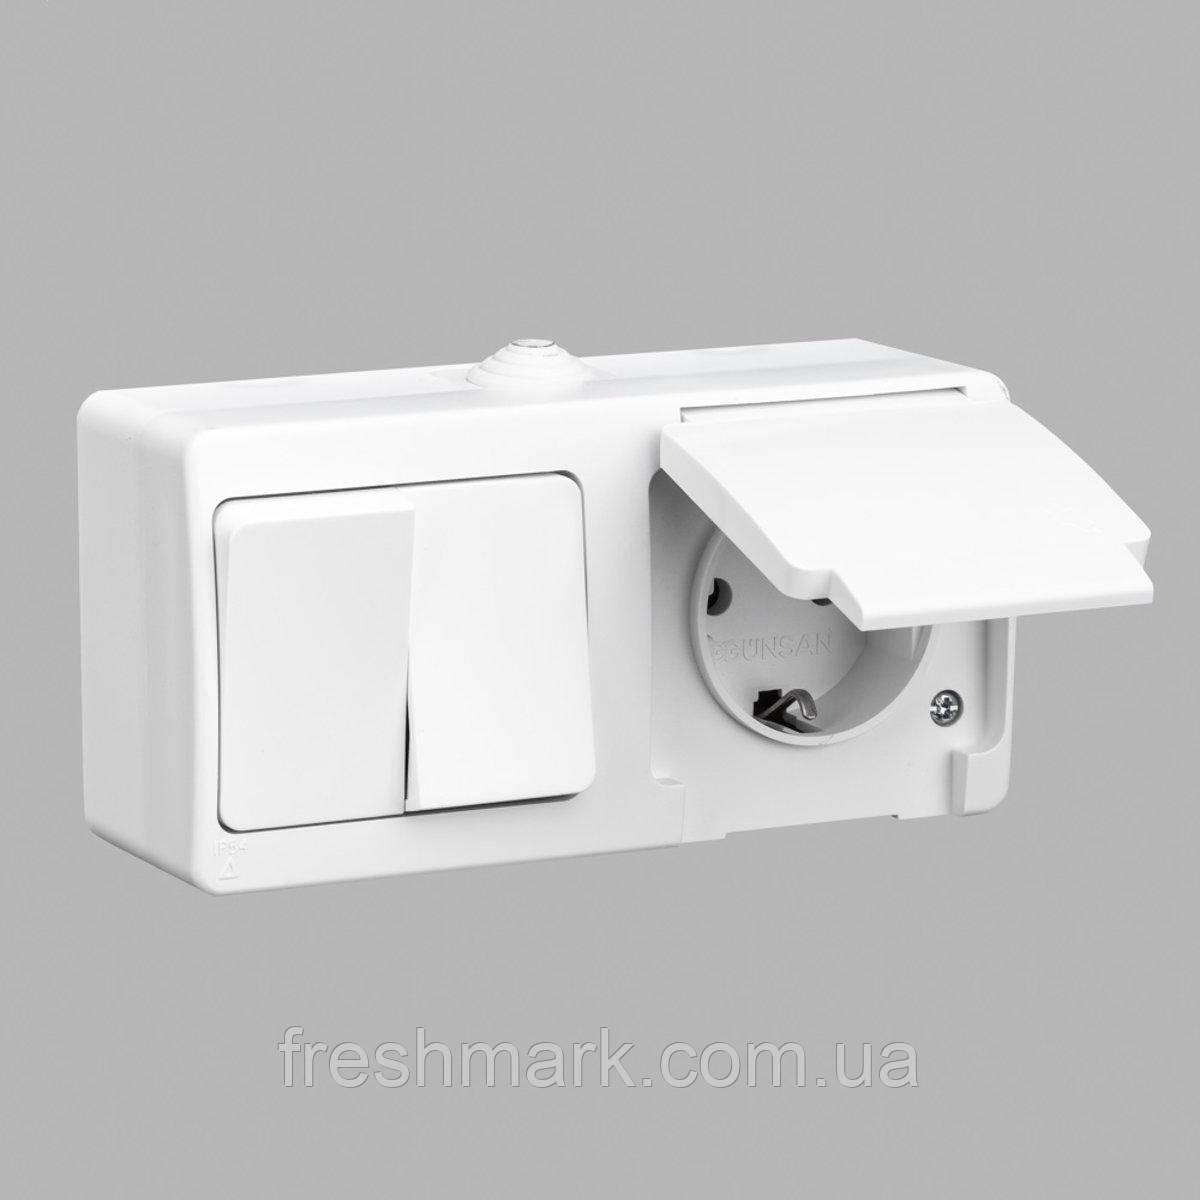 Блок выключатель двухклавишный + розетка с заземлением GUNSAN Nemliyer влагозащищенный Белый